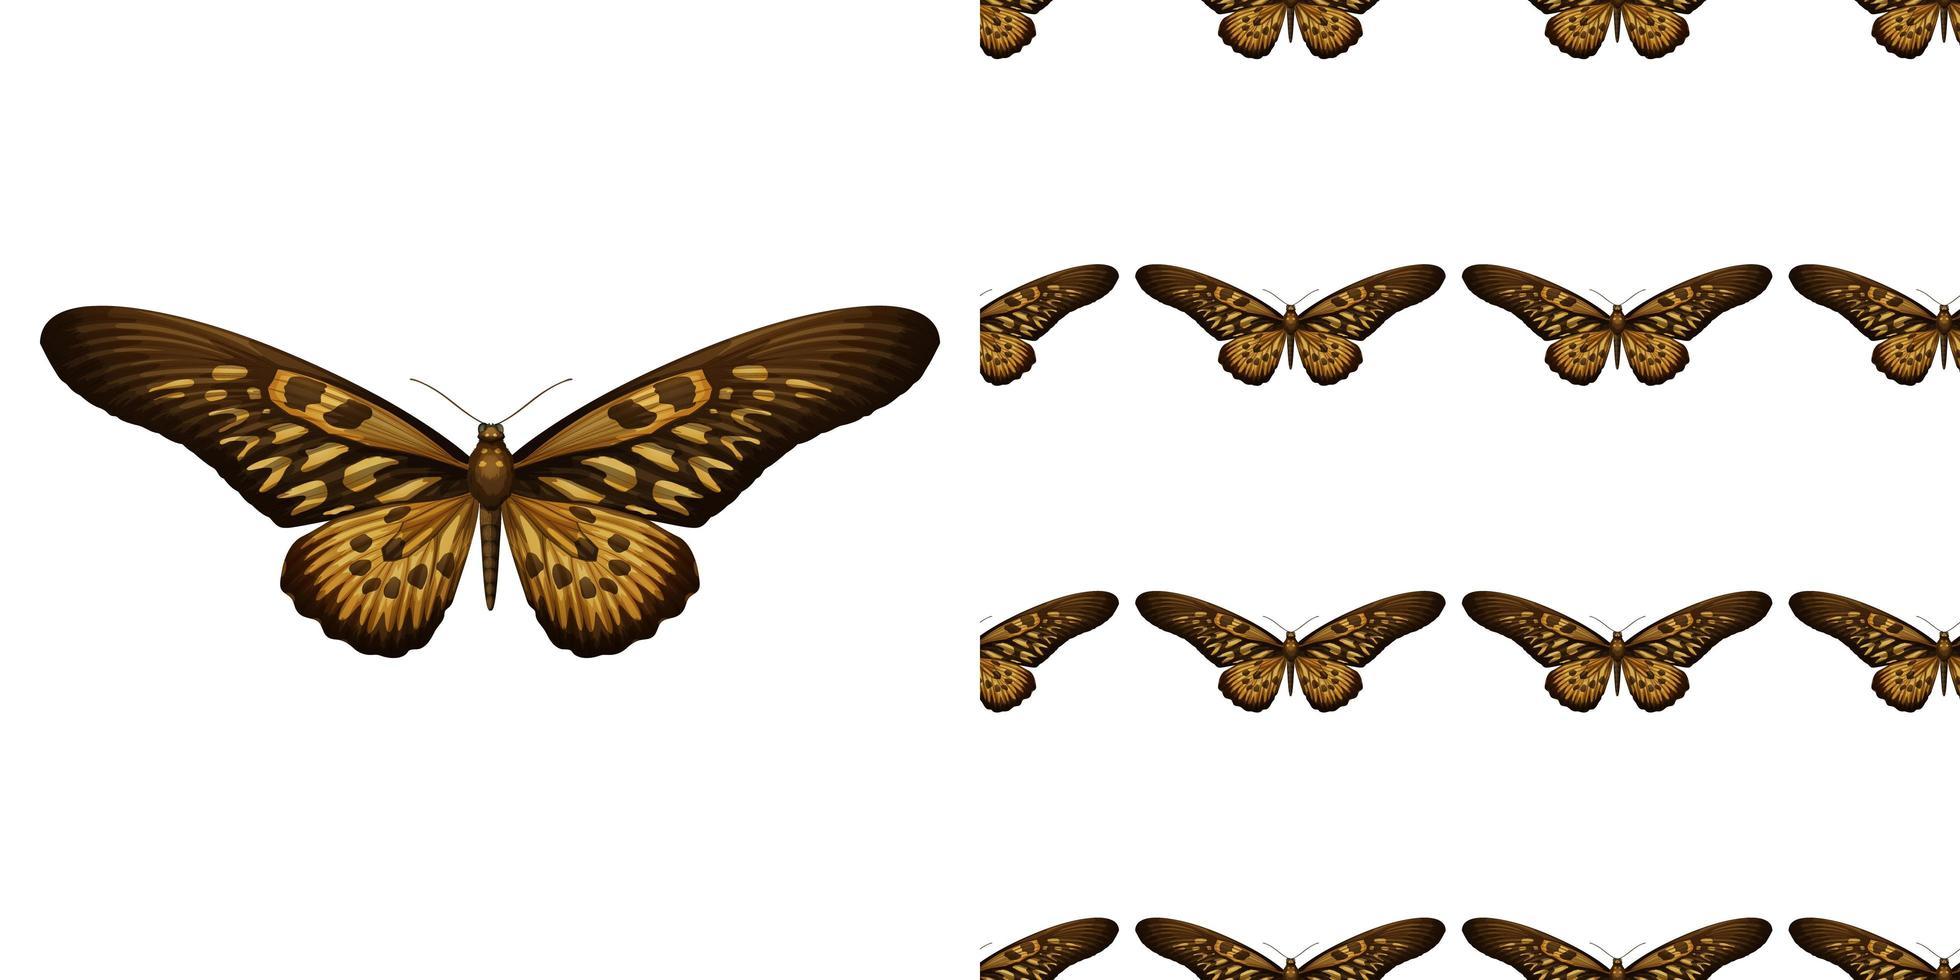 en fjäril isolerad på vit bakgrund och fjäril sömlös vektor